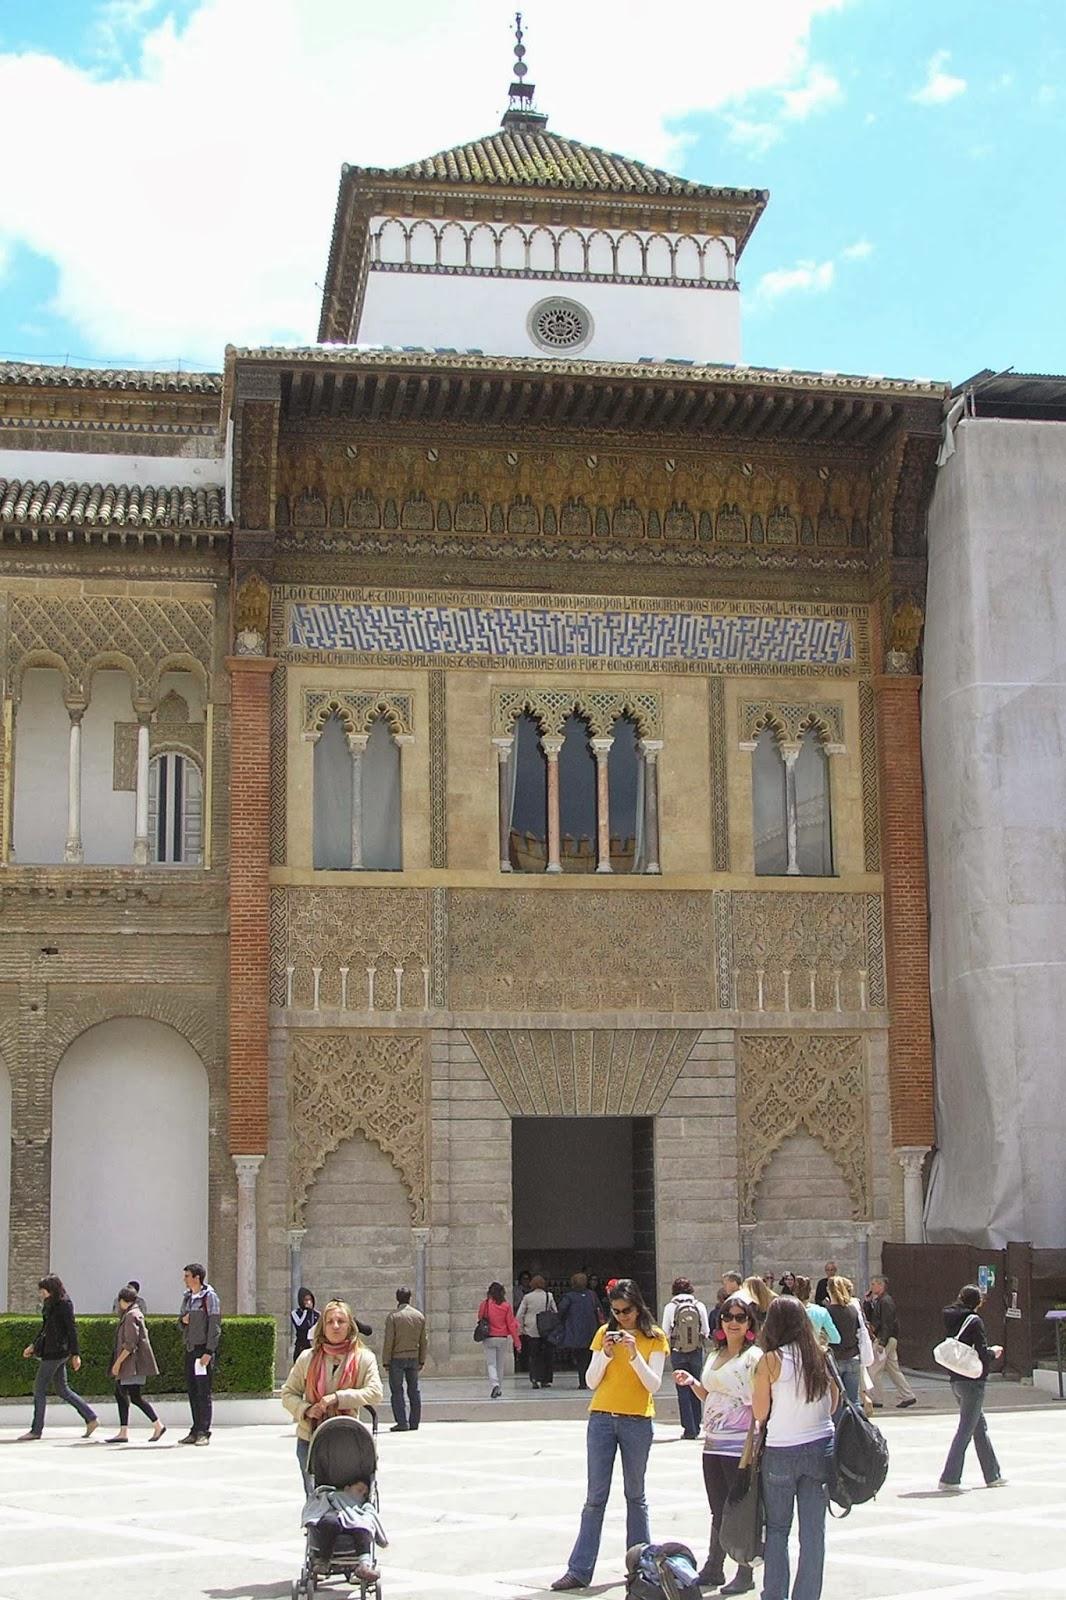 Portada del Palacio de Pedro I, en el Patio de la Montería.